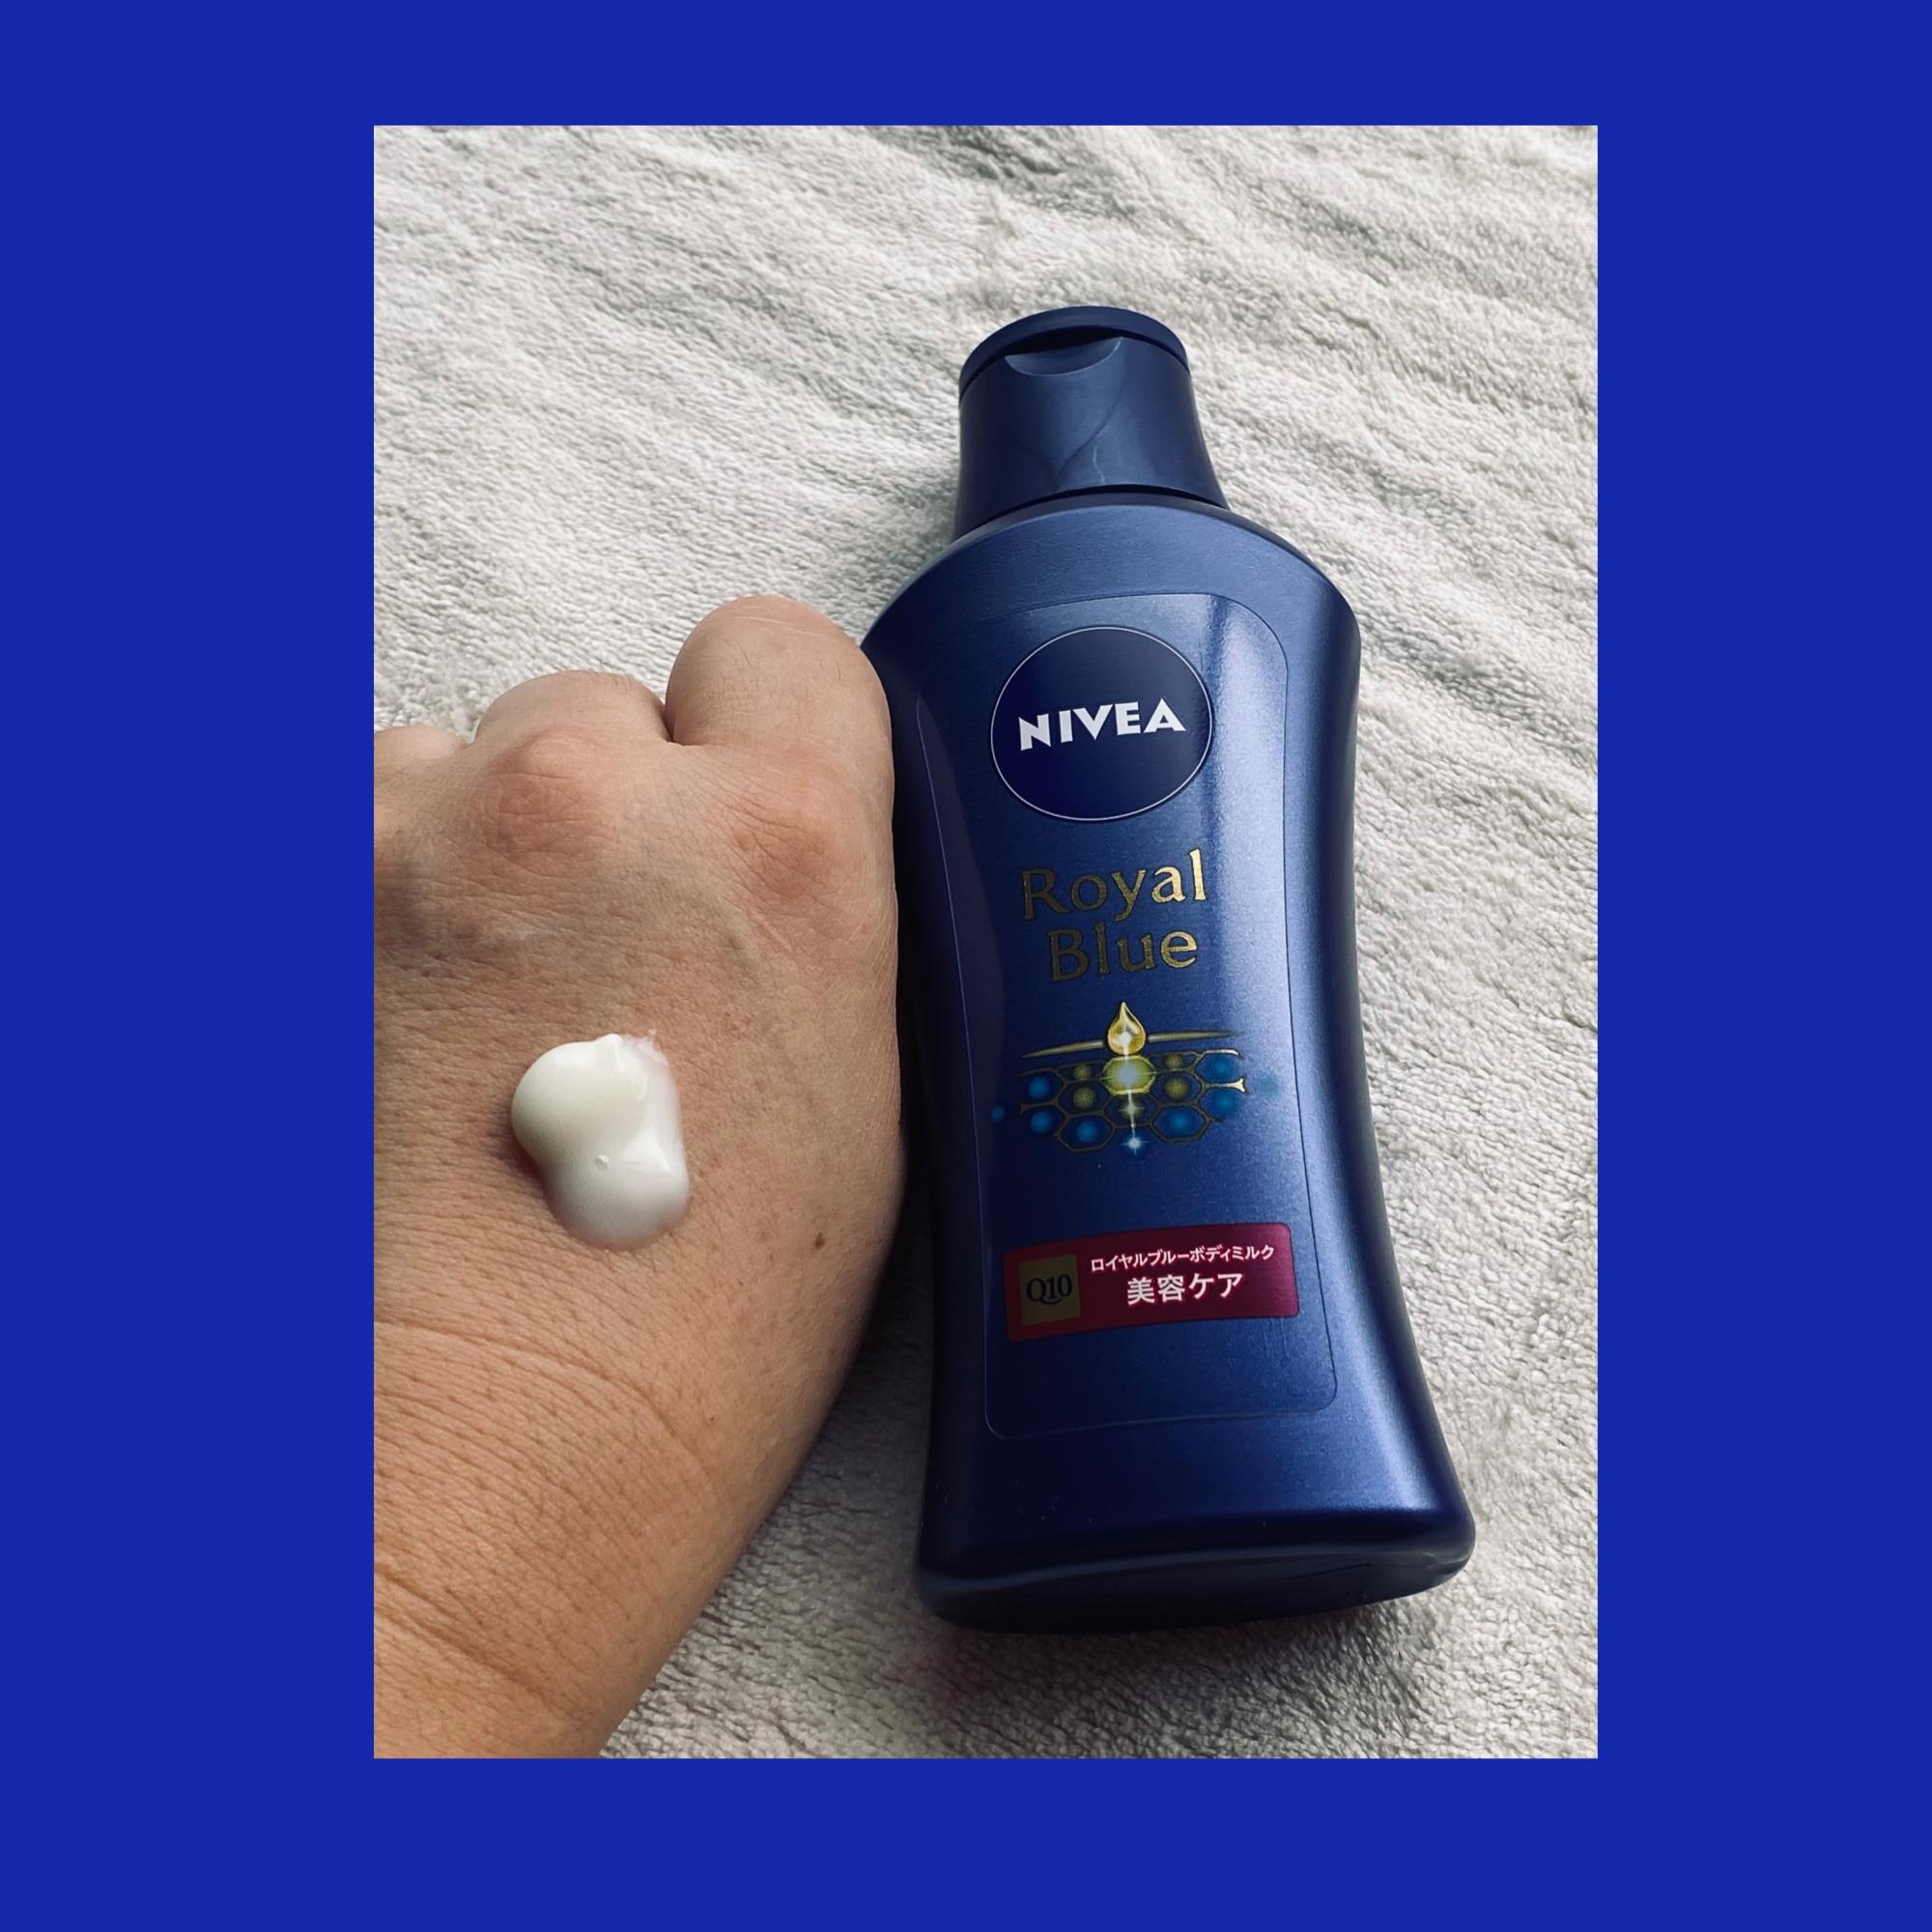 NIVEA(ニベア) ロイヤルブルーボディミルク 美容ケアの良い点・メリットに関するマイピコブーさんの口コミ画像2